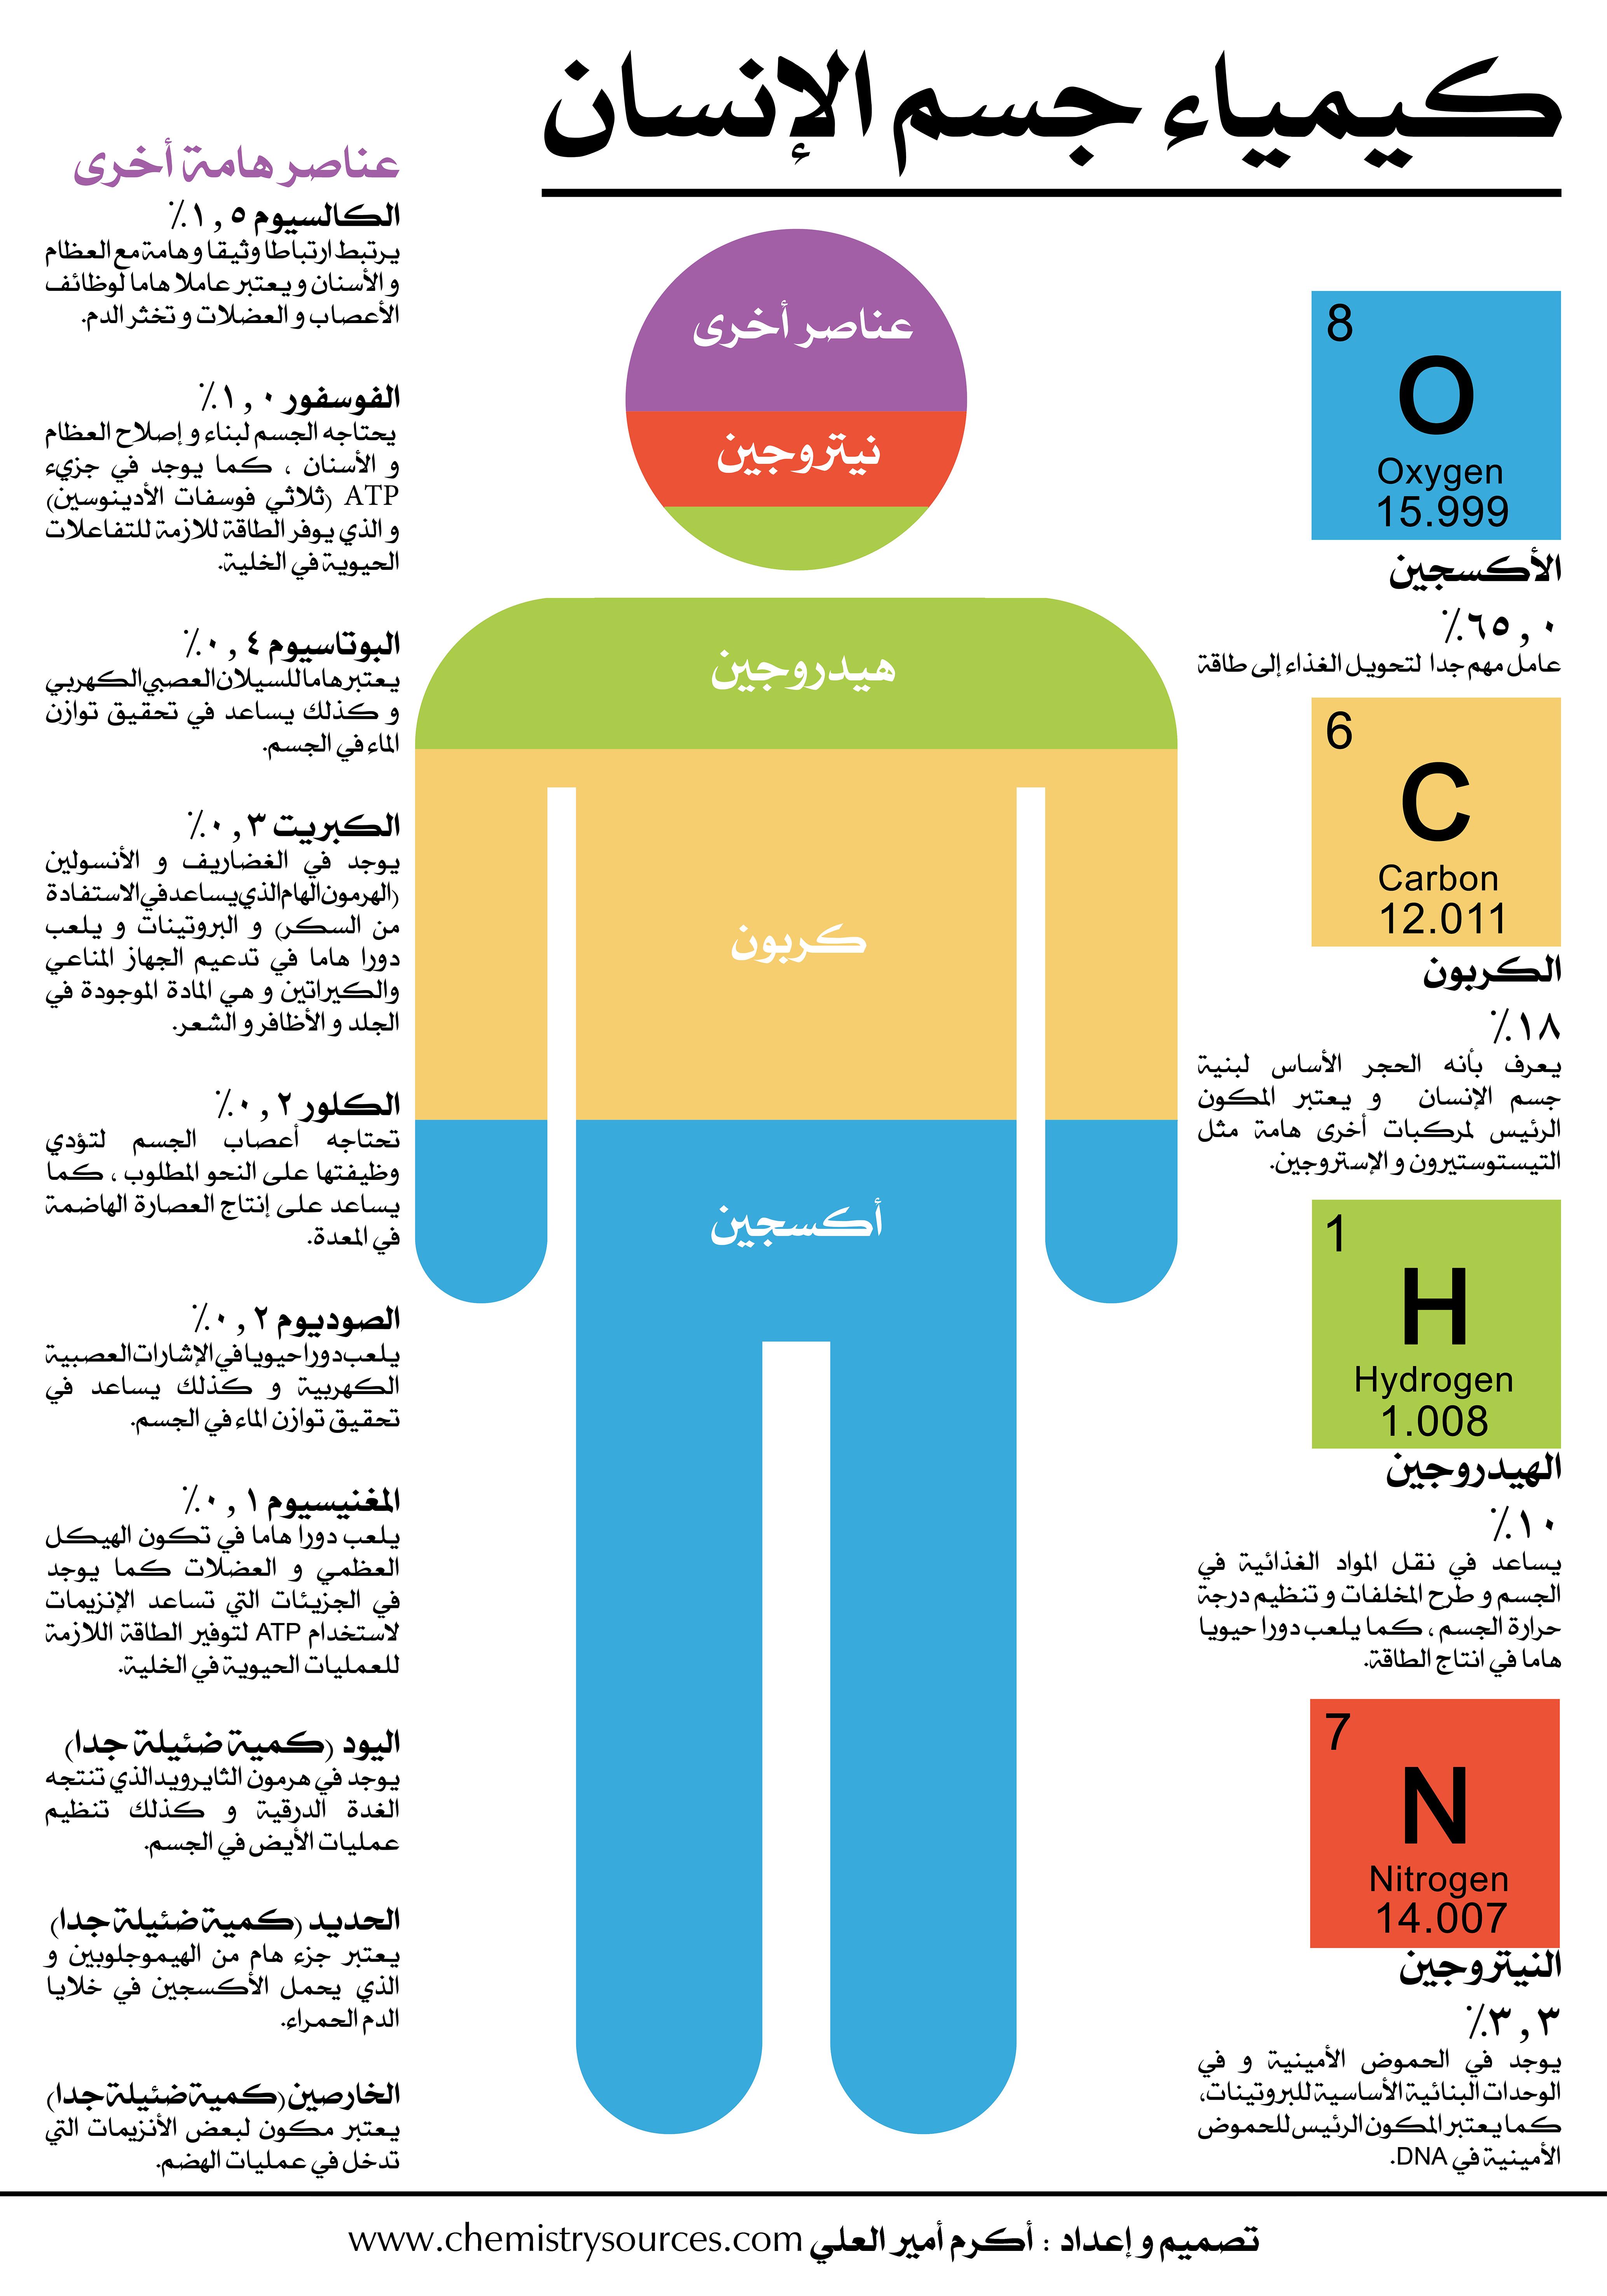 كيمياء جسم الانسان